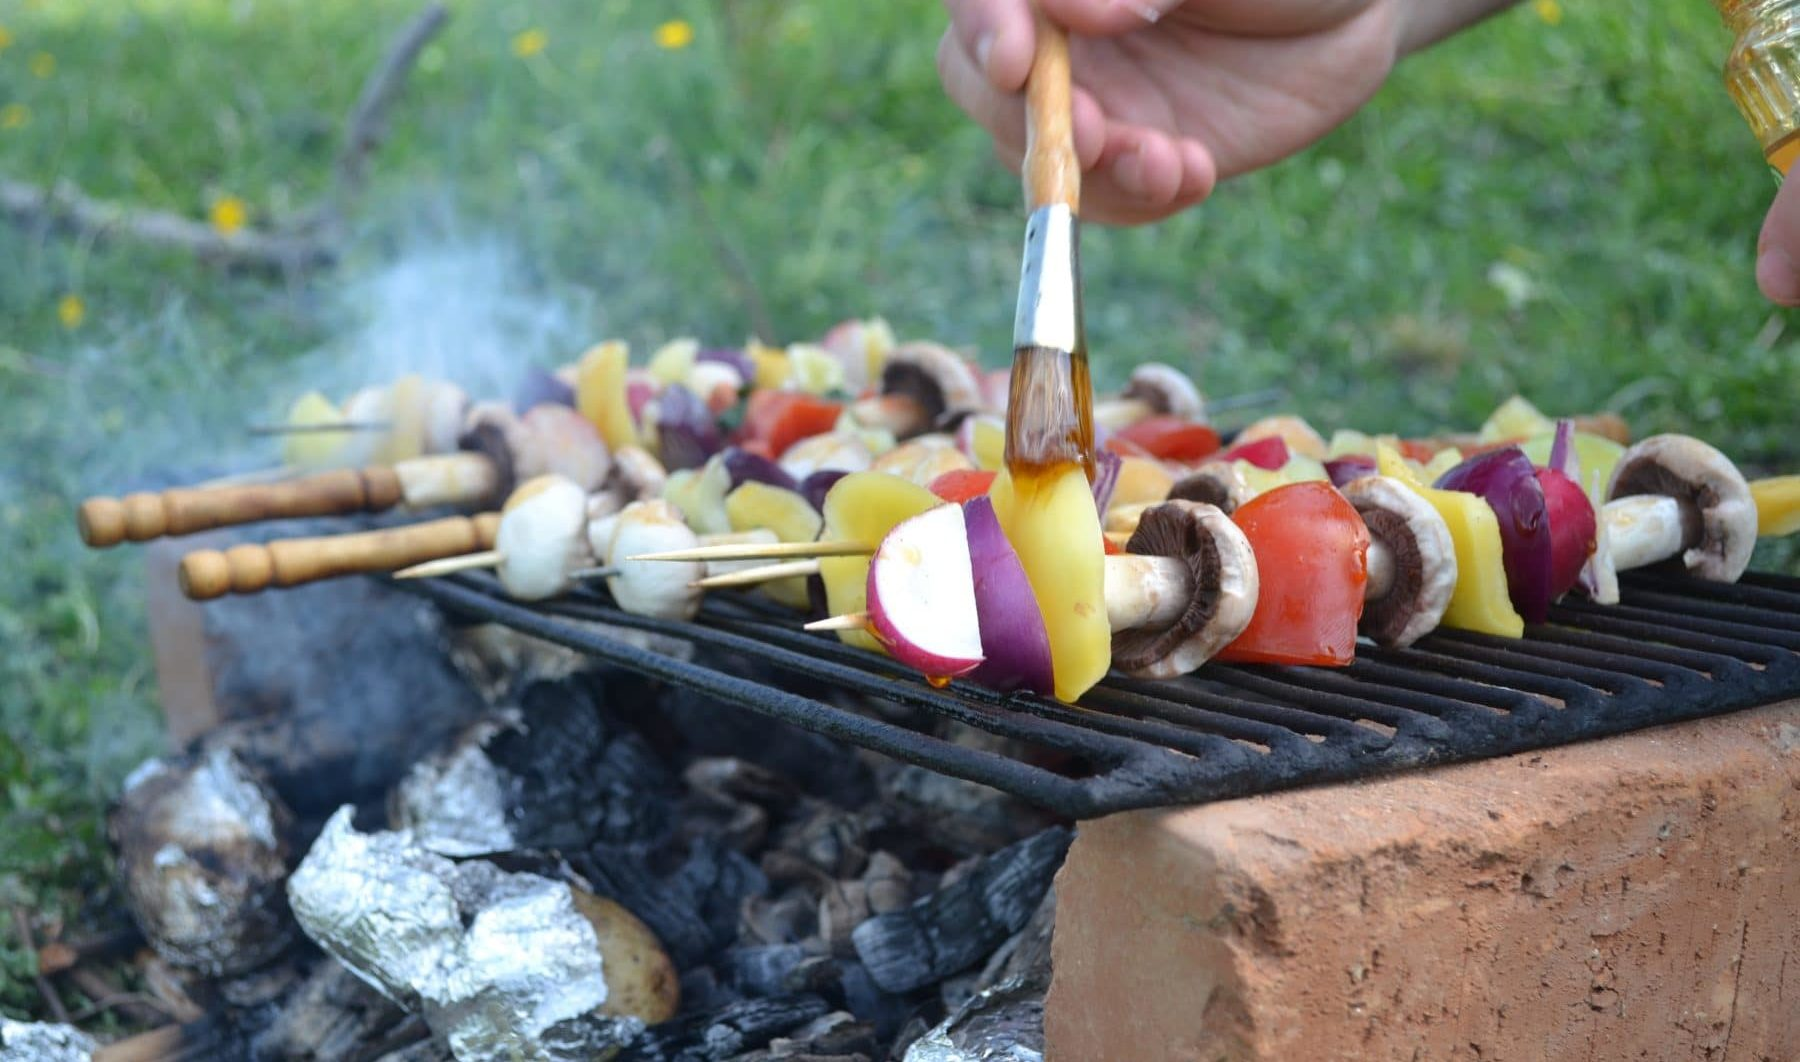 Glühender Grill mit Spießen drauf und jemand pinselt das Gemüse mit Öl ein